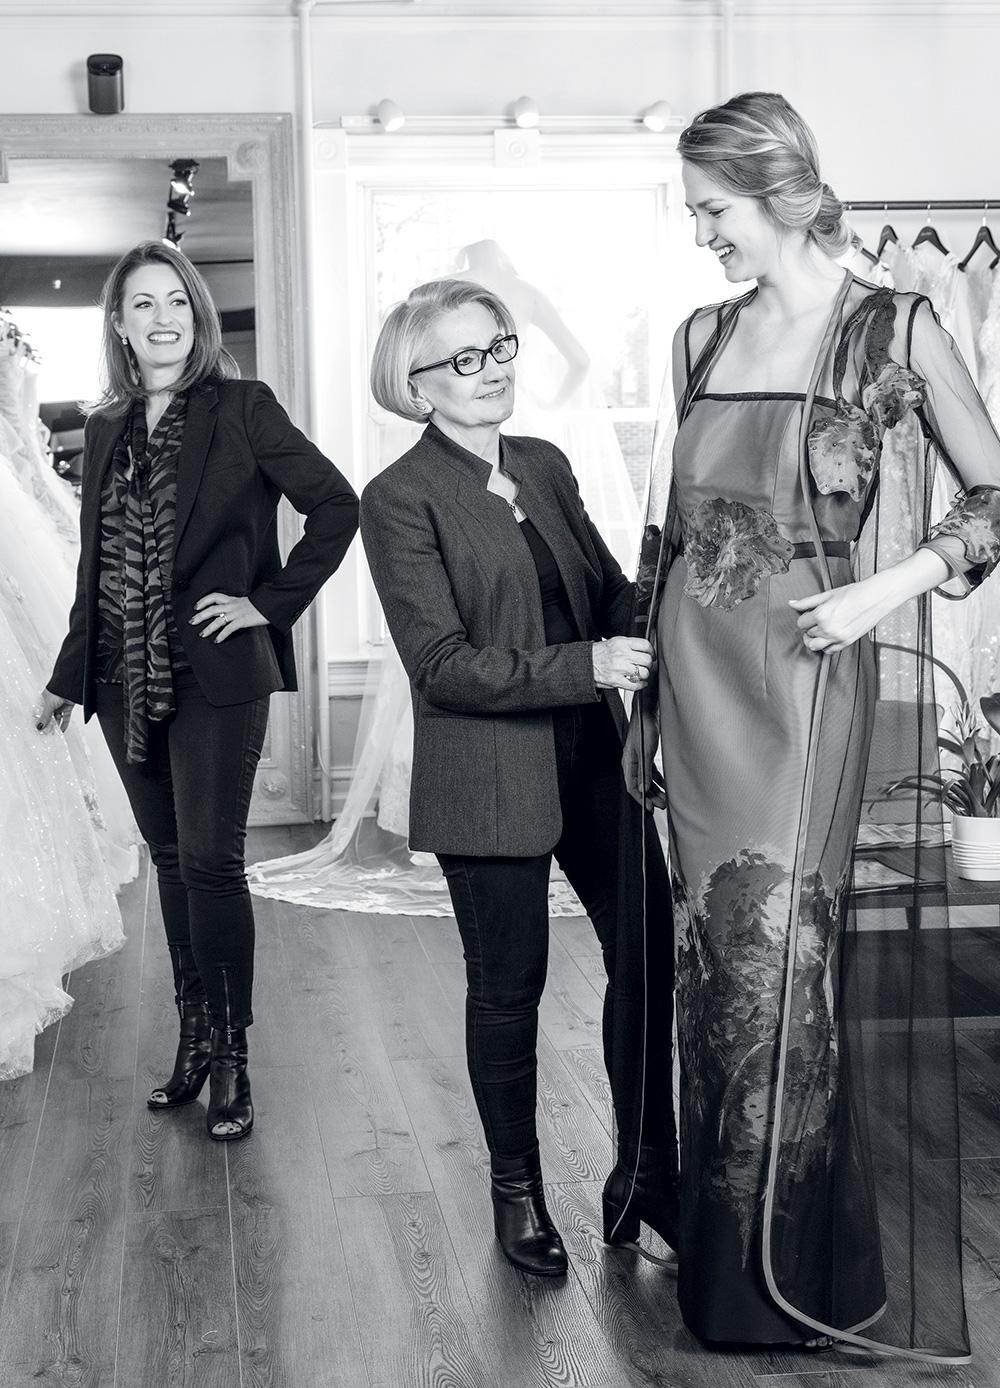 Zoya's Atelier - Industry Leader in Women's Fashion